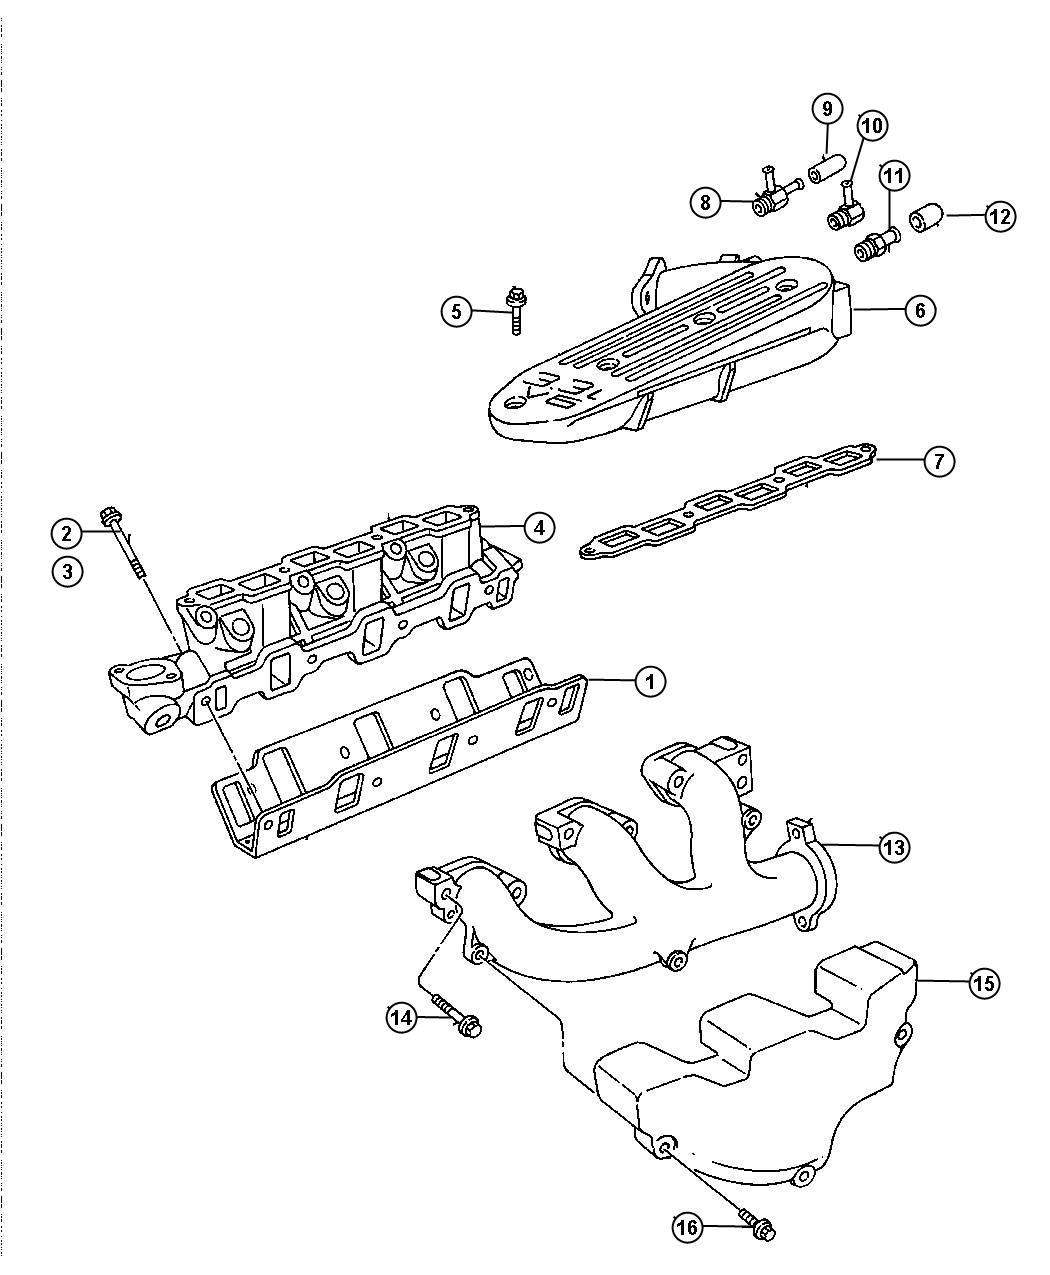 Mazda 929 Fuel Pump Wiring Nissan 240SX Fuel Pump Wiring